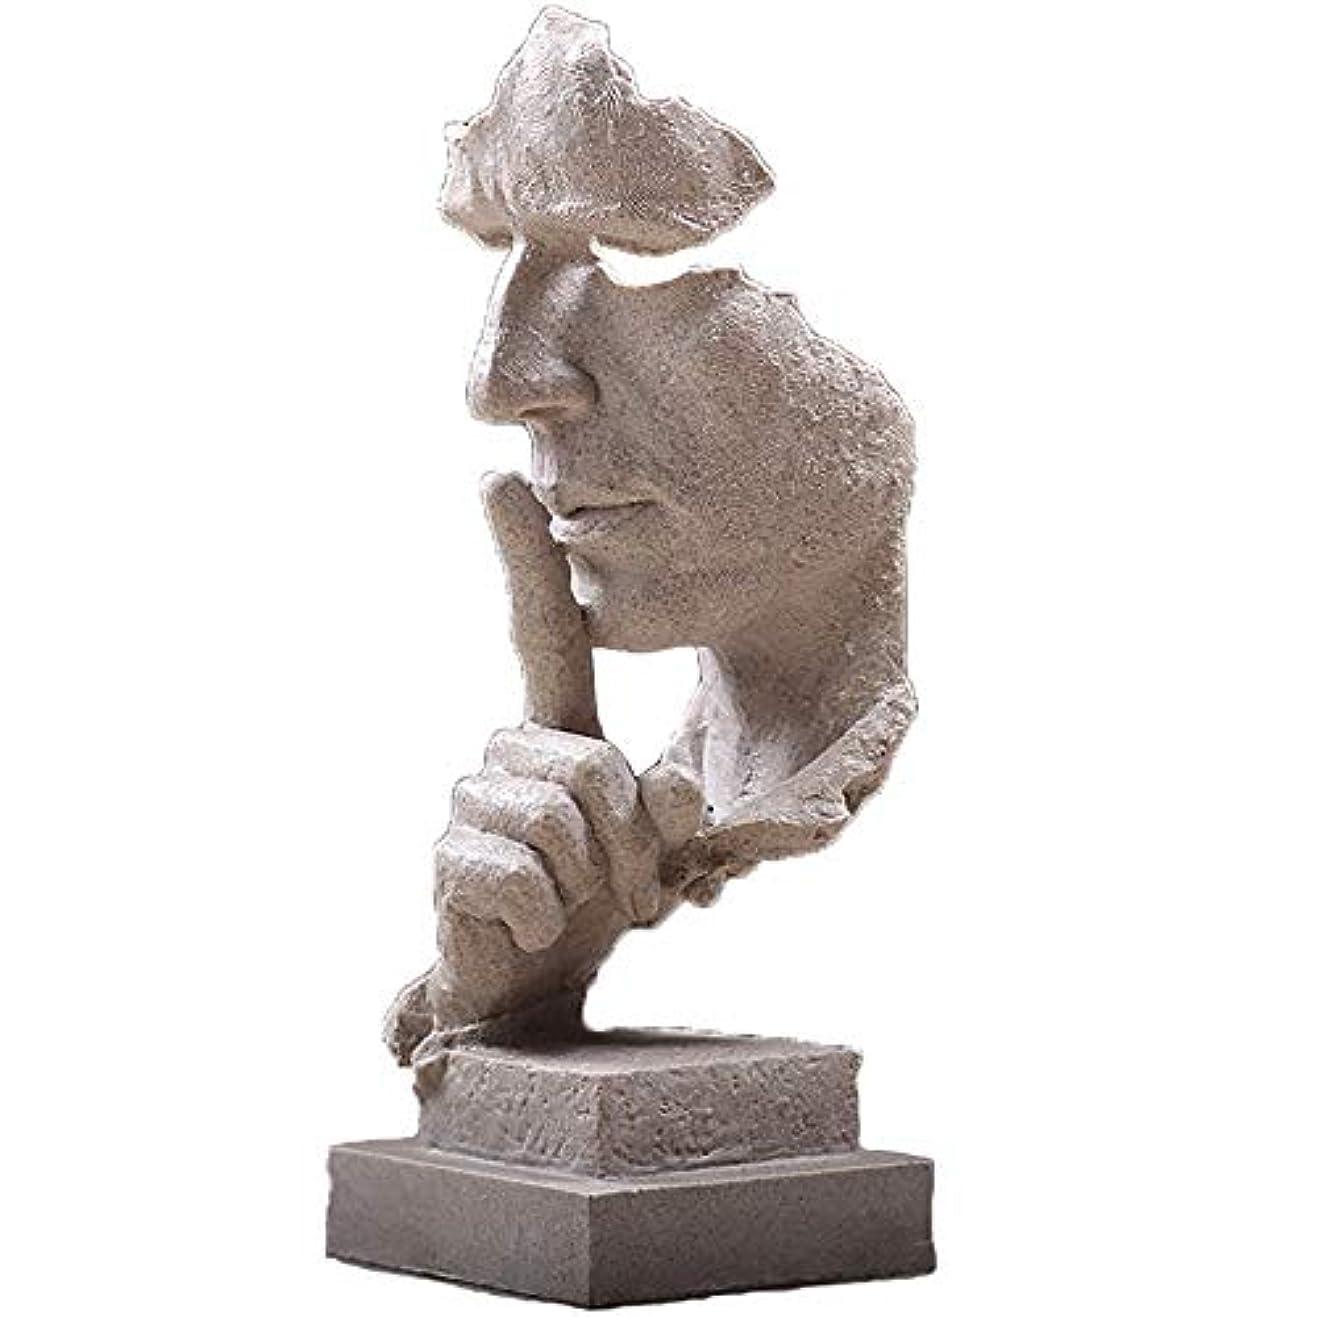 配列エイズ縁樹脂抽象彫刻沈黙はゴールデン男性像キャラクター工芸品装飾用オフィスリビングルームアートワーク,White